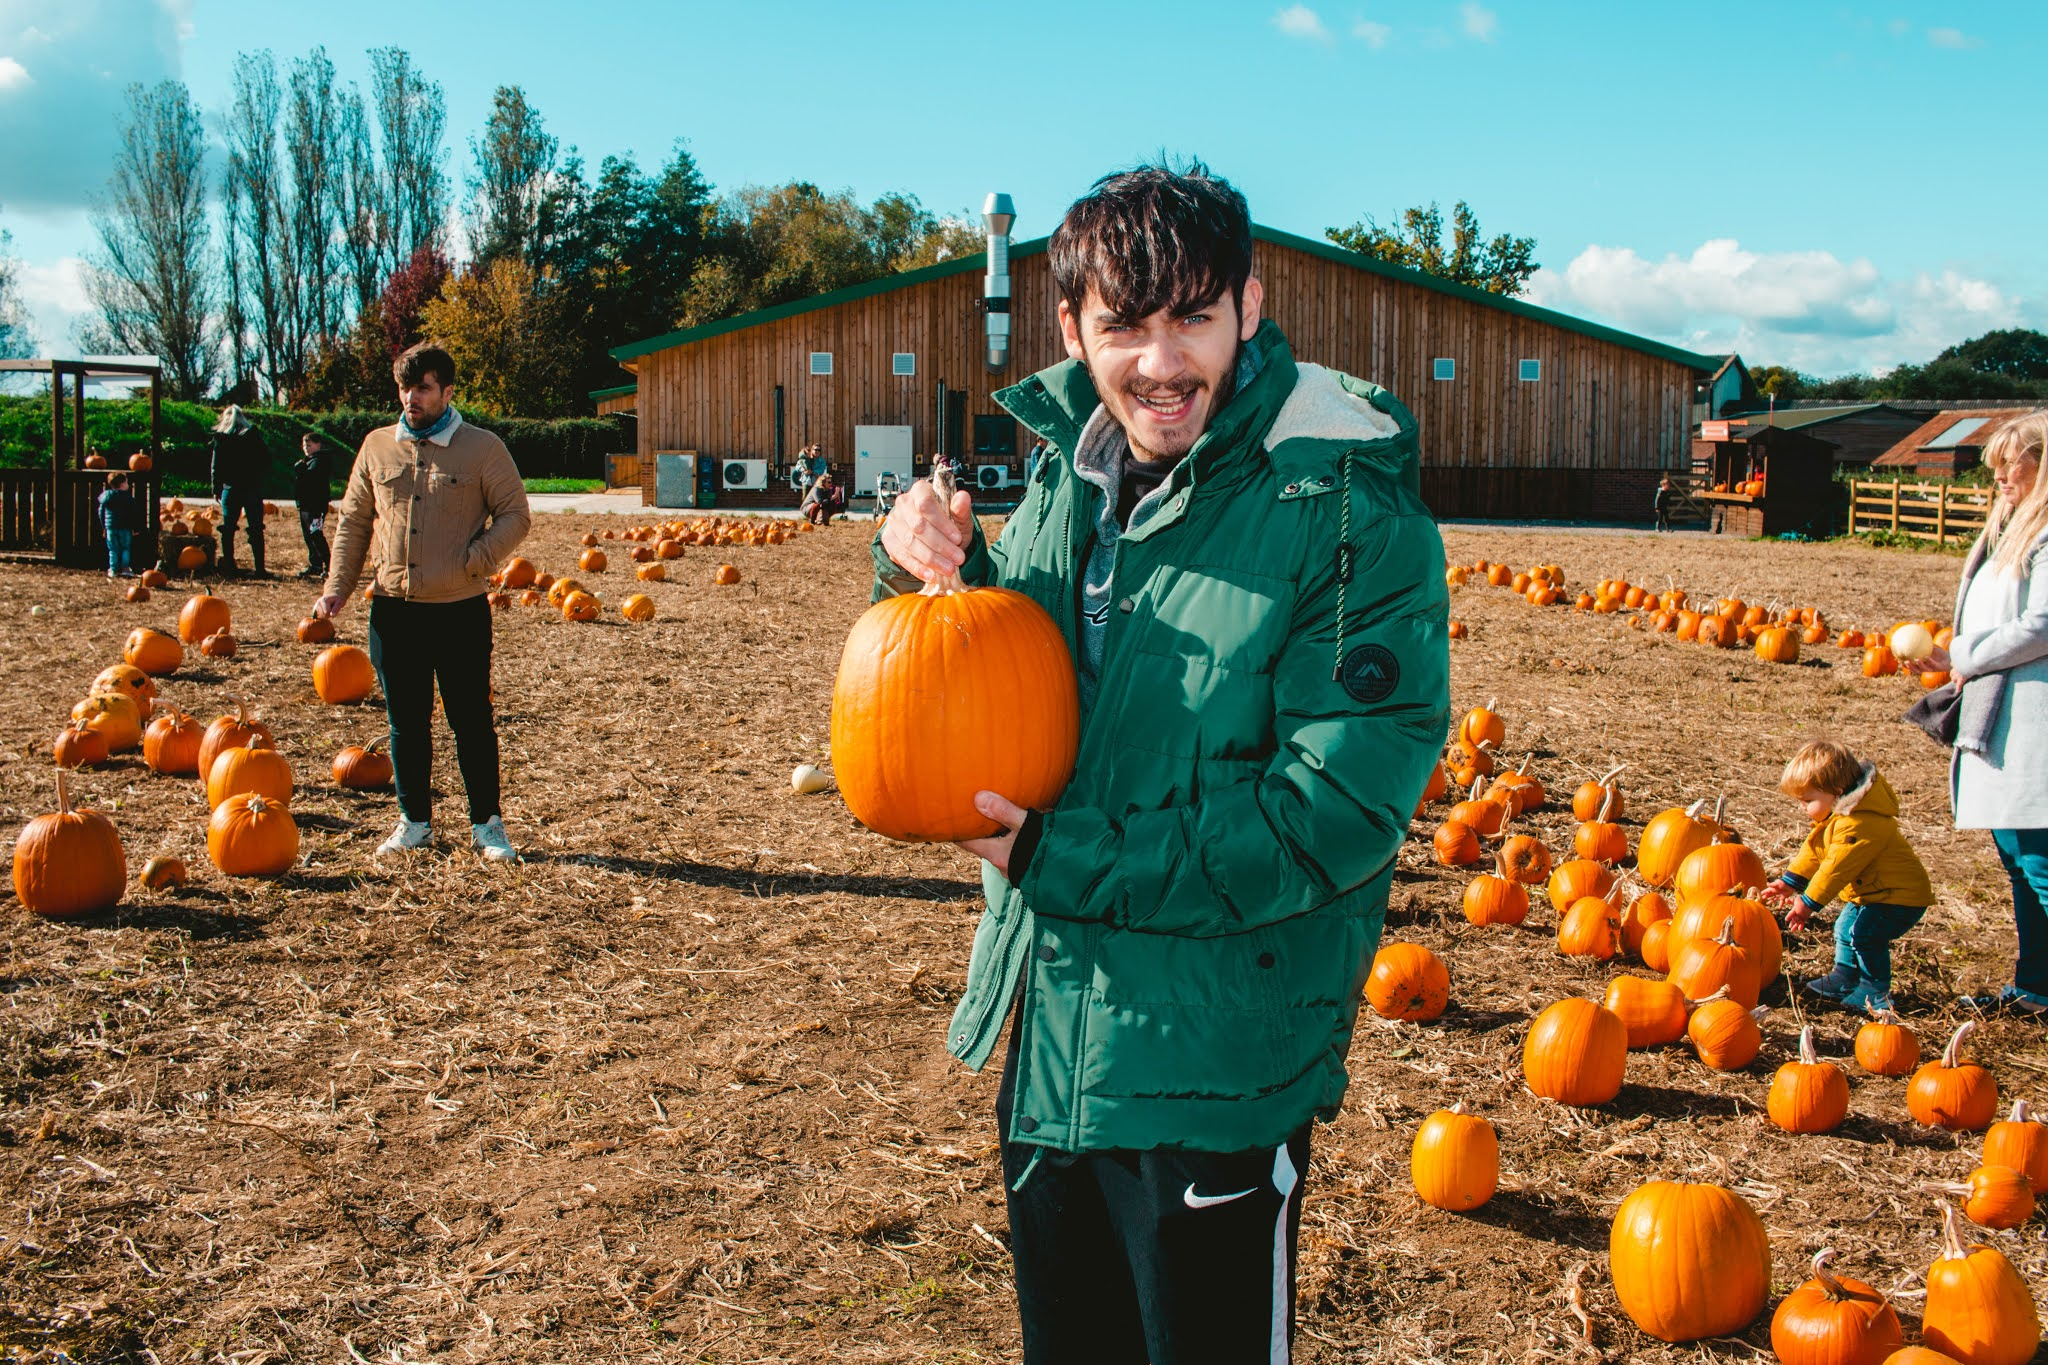 Guy with Autumn Pumpkins at Pumpkin Patch from Fall Pumpkin Picking Autumn Activities Blog Post